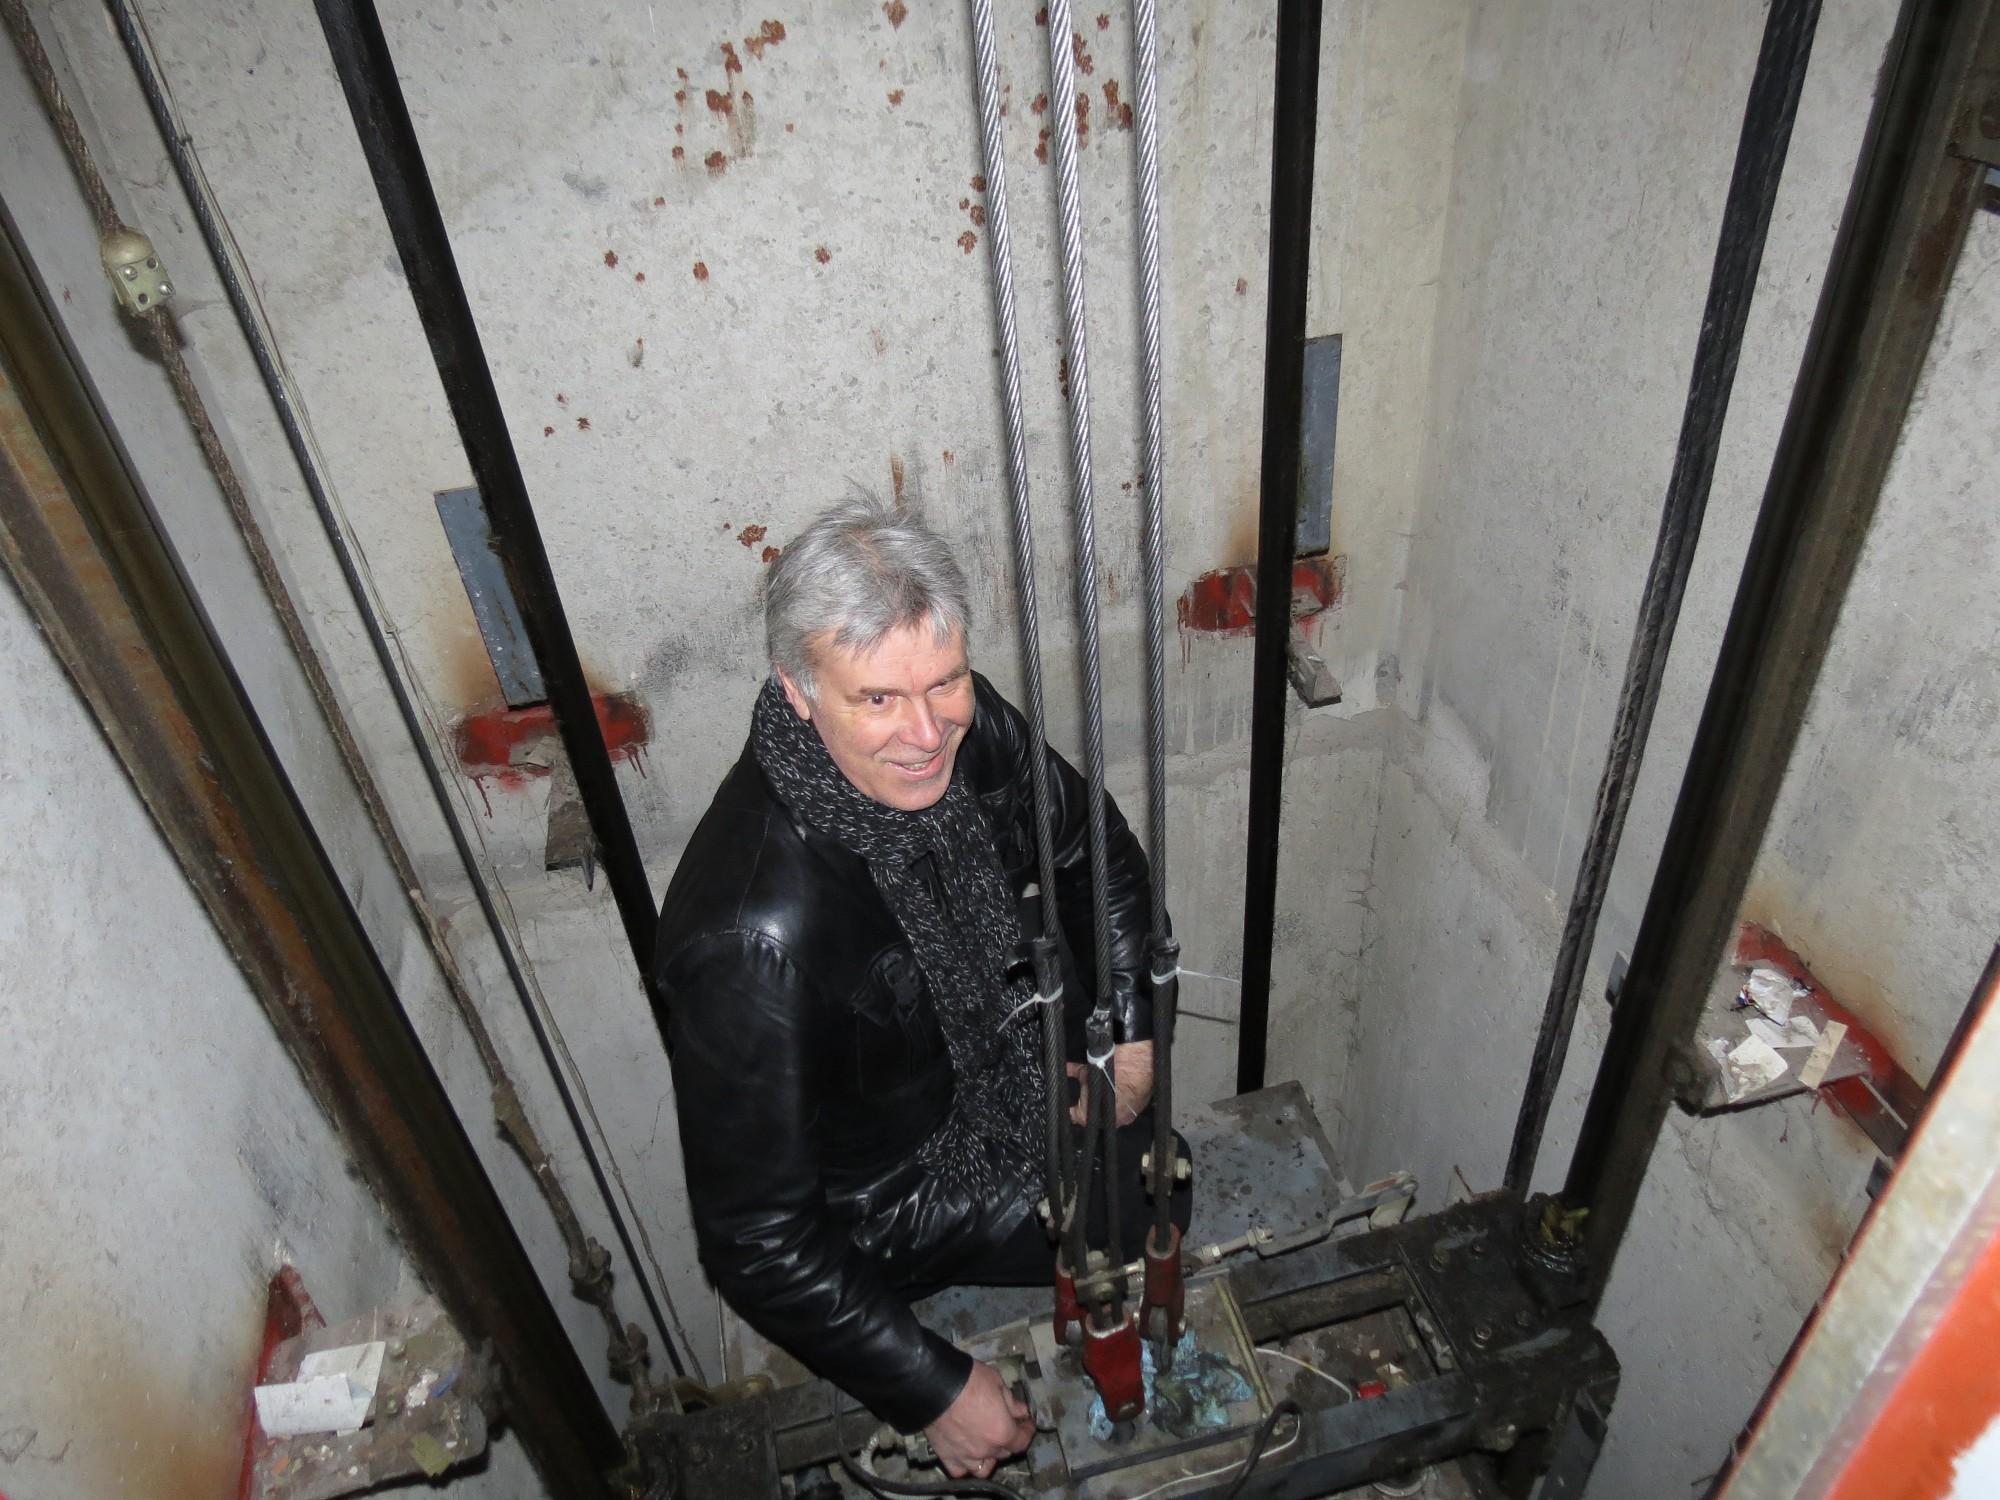 Mācās bez bojājumiem atbrīvot nosprūdušu liftu